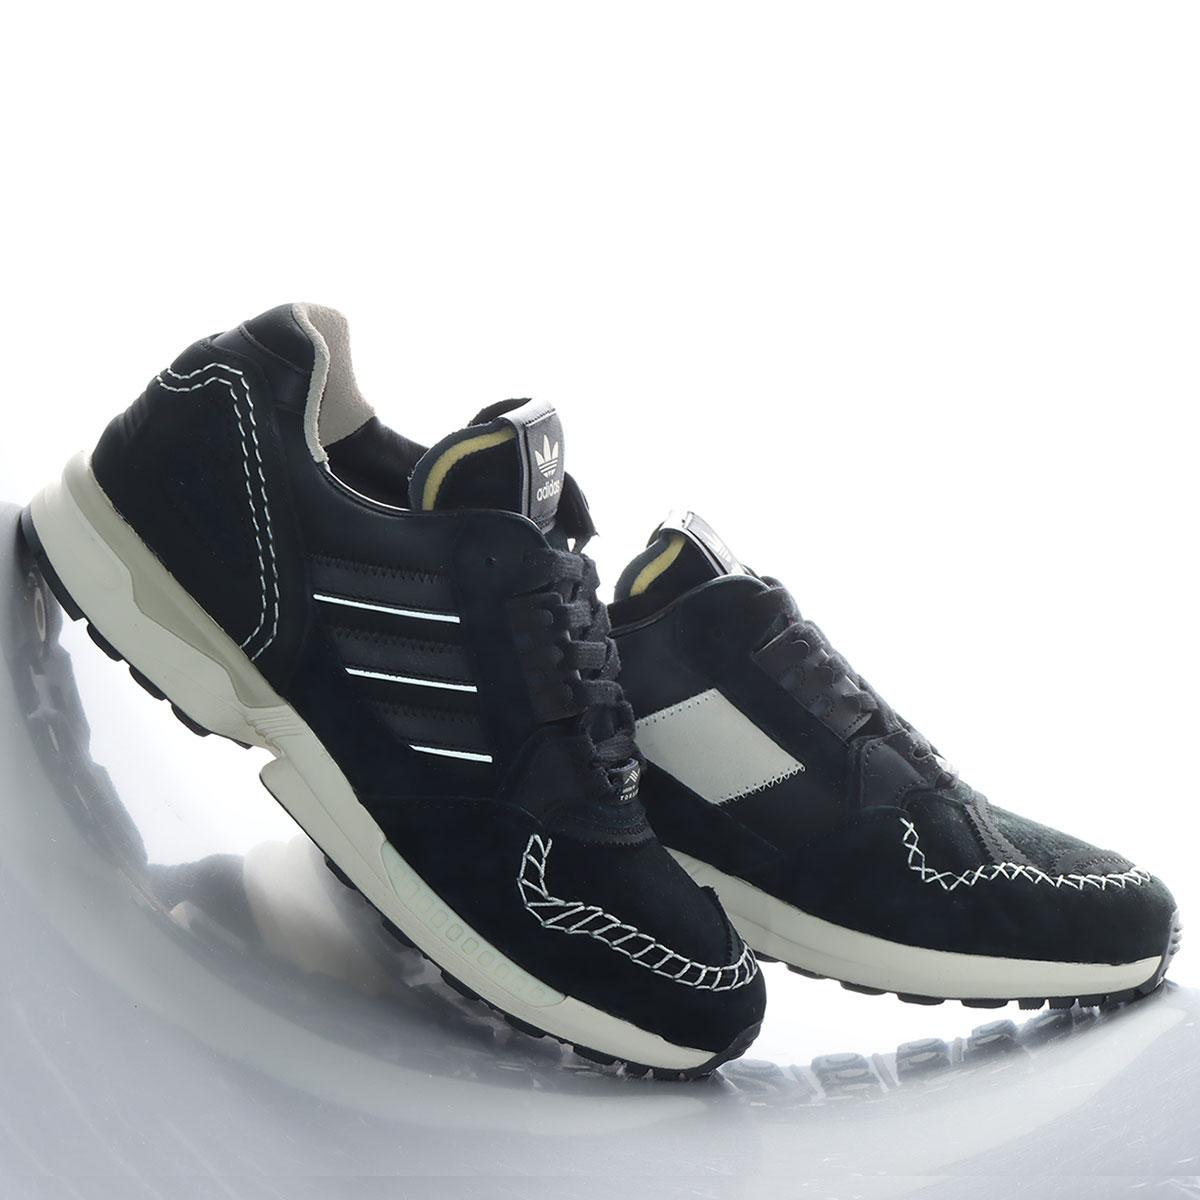 メンズ靴, スニーカー adidas ZX 9000 YUCATAN( ZX 9000 )CORE BLACKCORE BLACKCREAM WHITE 21SS-S